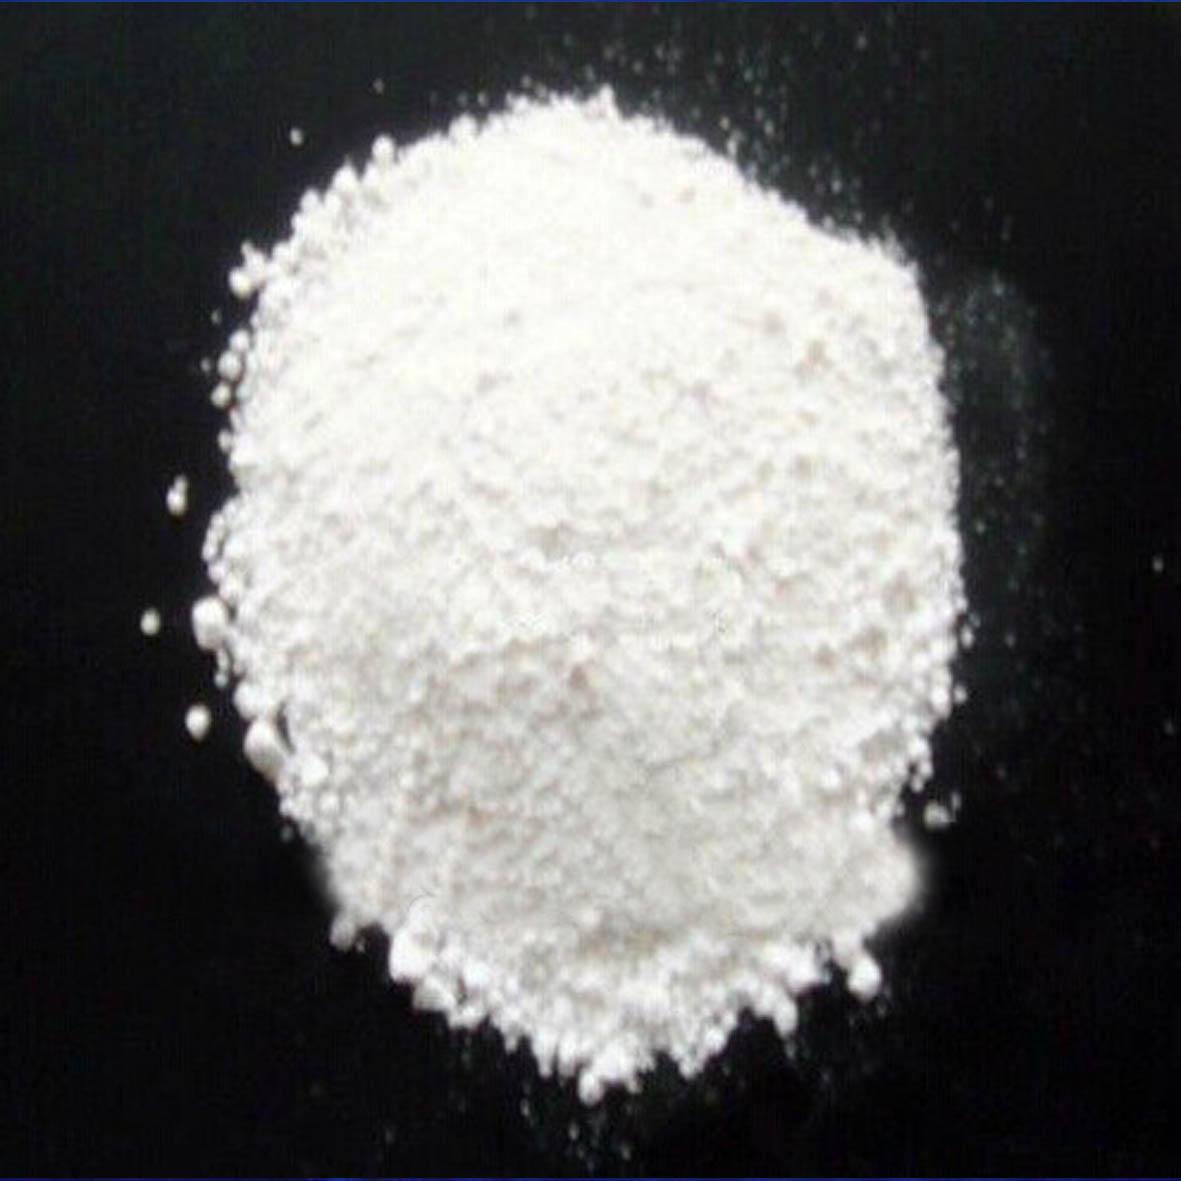 聚四氟乙烯悬浮细粉树脂(JF-4TM)